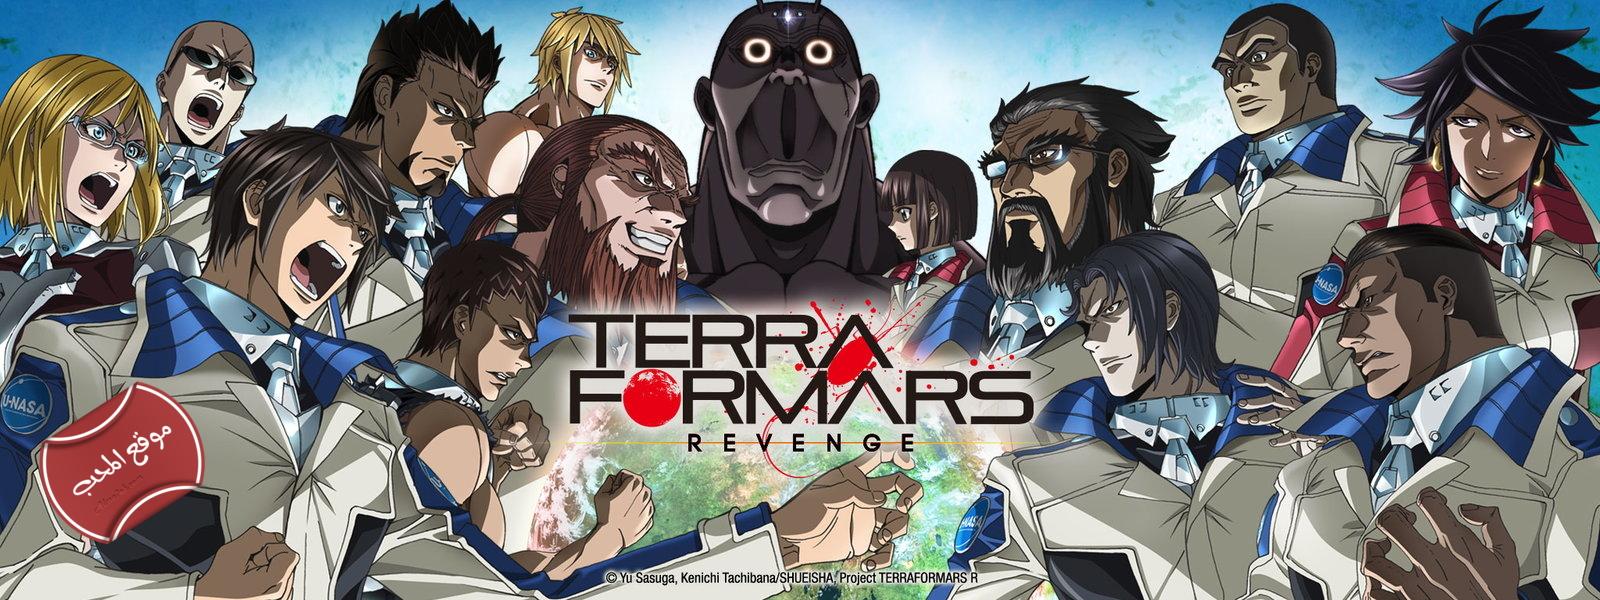 شاهد مسلسل الأنمي والاكشن تيرا فروماس Terra Formars Revenge